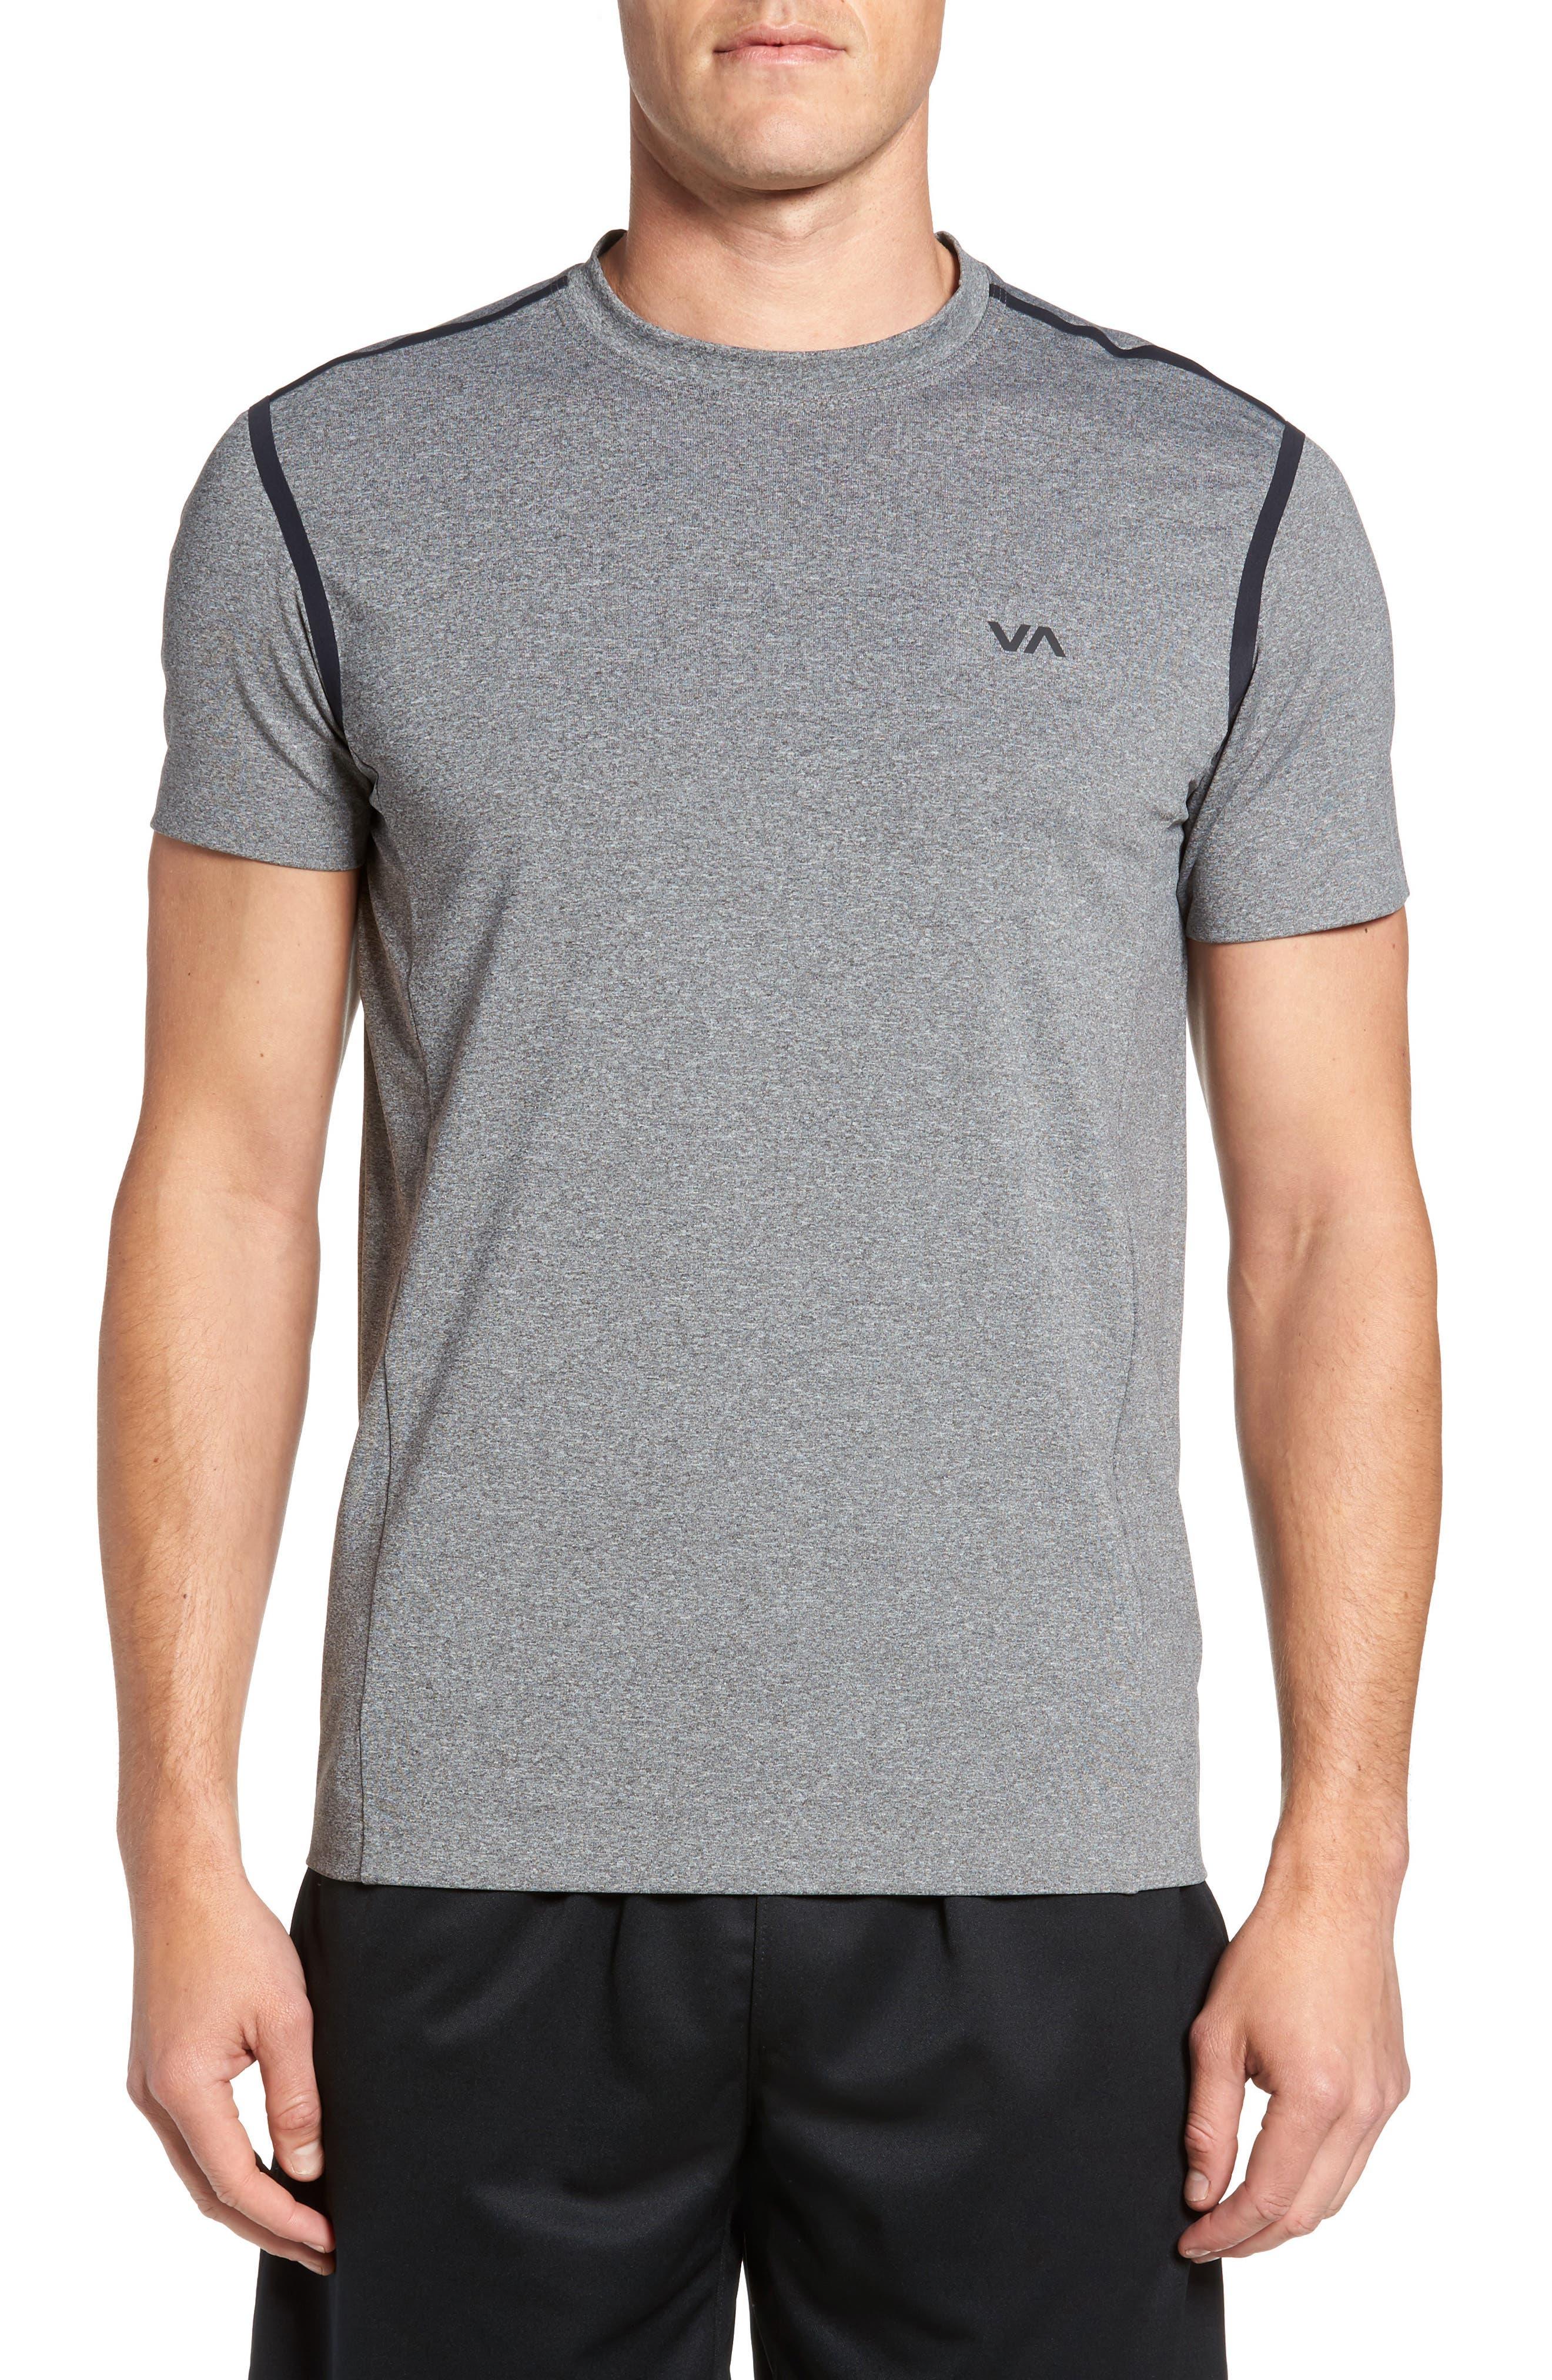 RVCA Grappler Compression T-Shirt